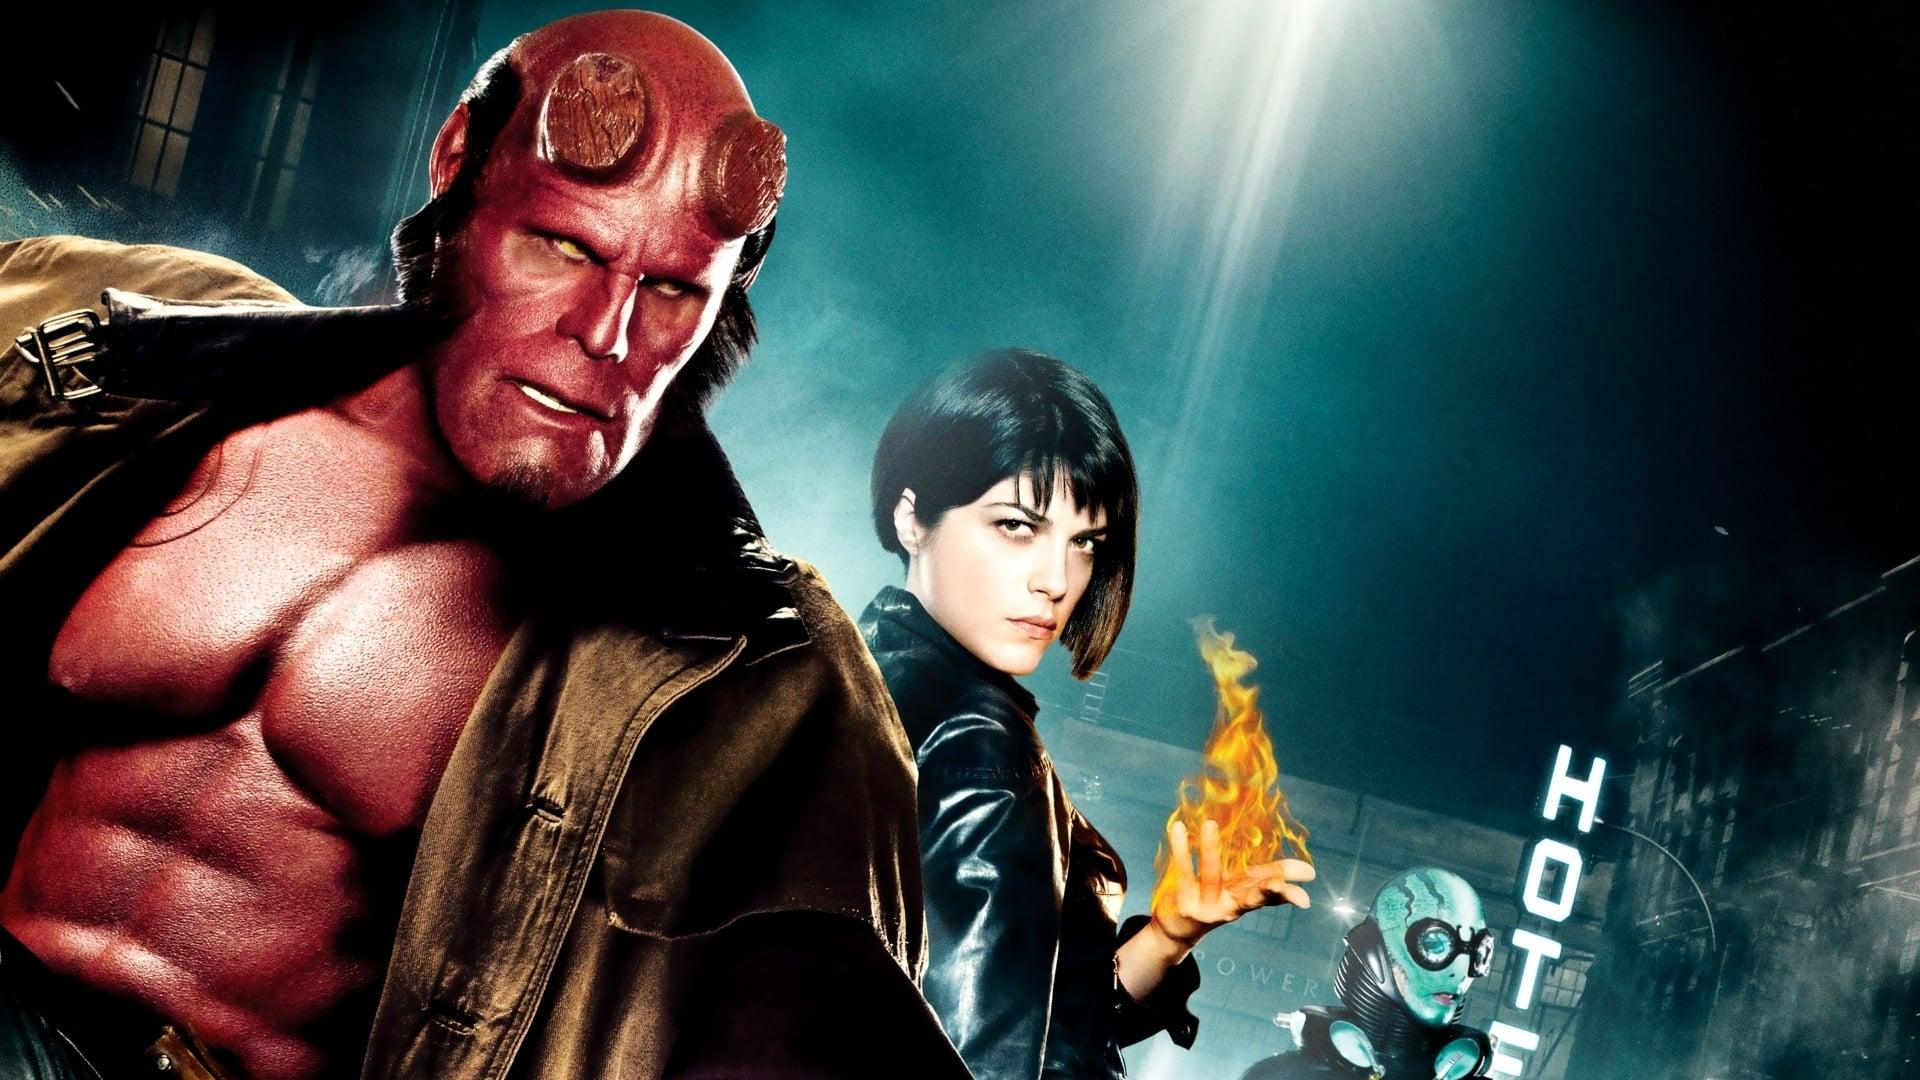 เฮลล์บอย ฮีโร่พันธุ์นรก ภาค 1 (Hellboy)